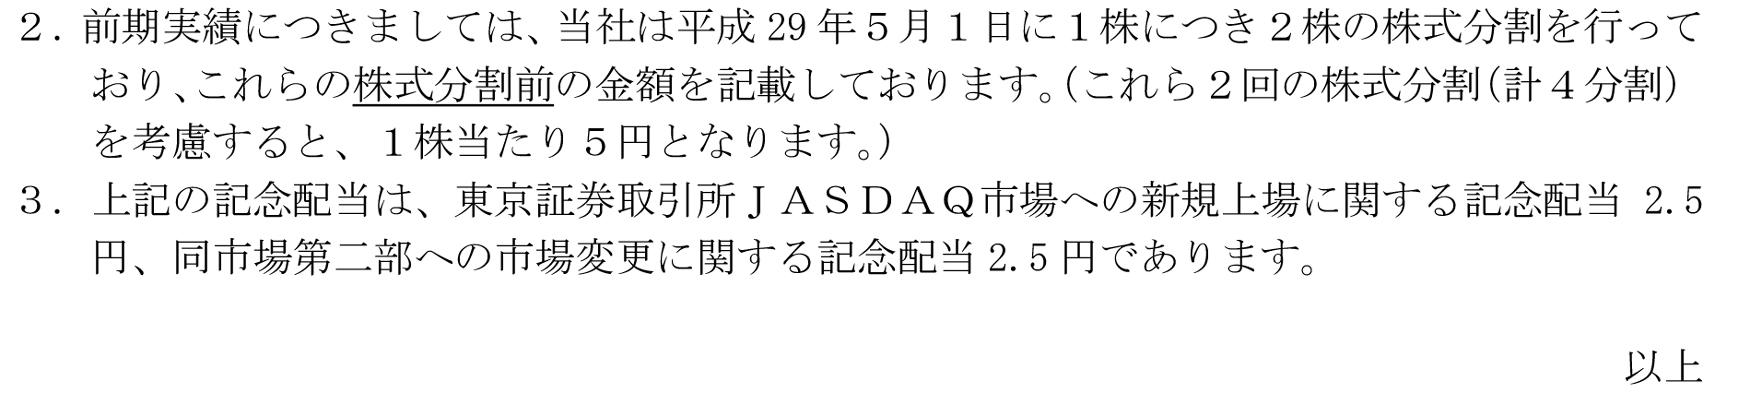 17-09-11配当予想の修正に関するお知らせ-2